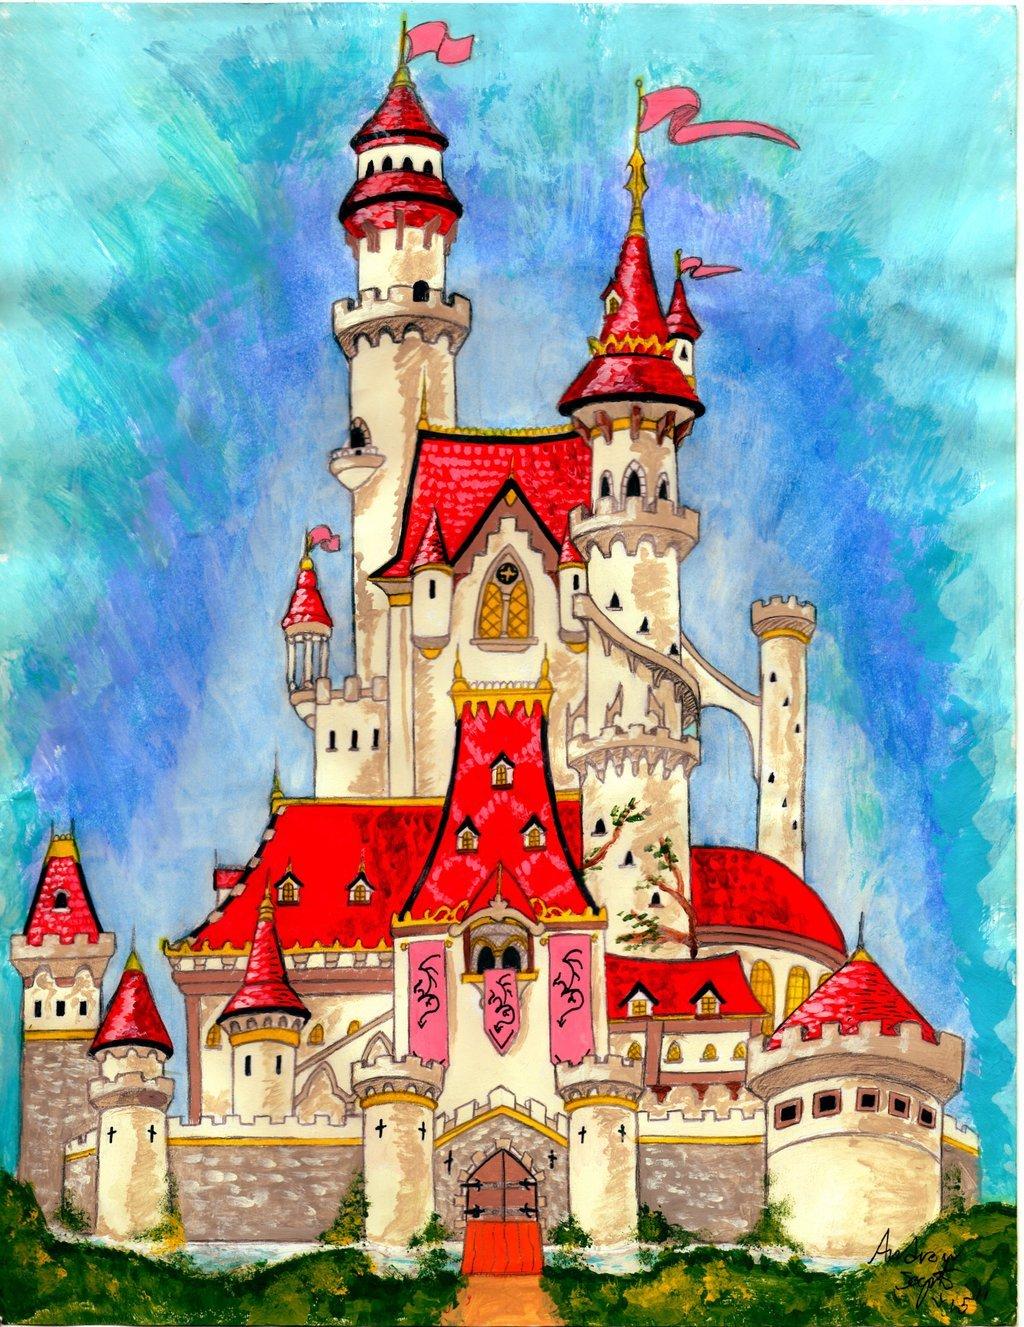 дворец в сказках картинки днем рождения желаю